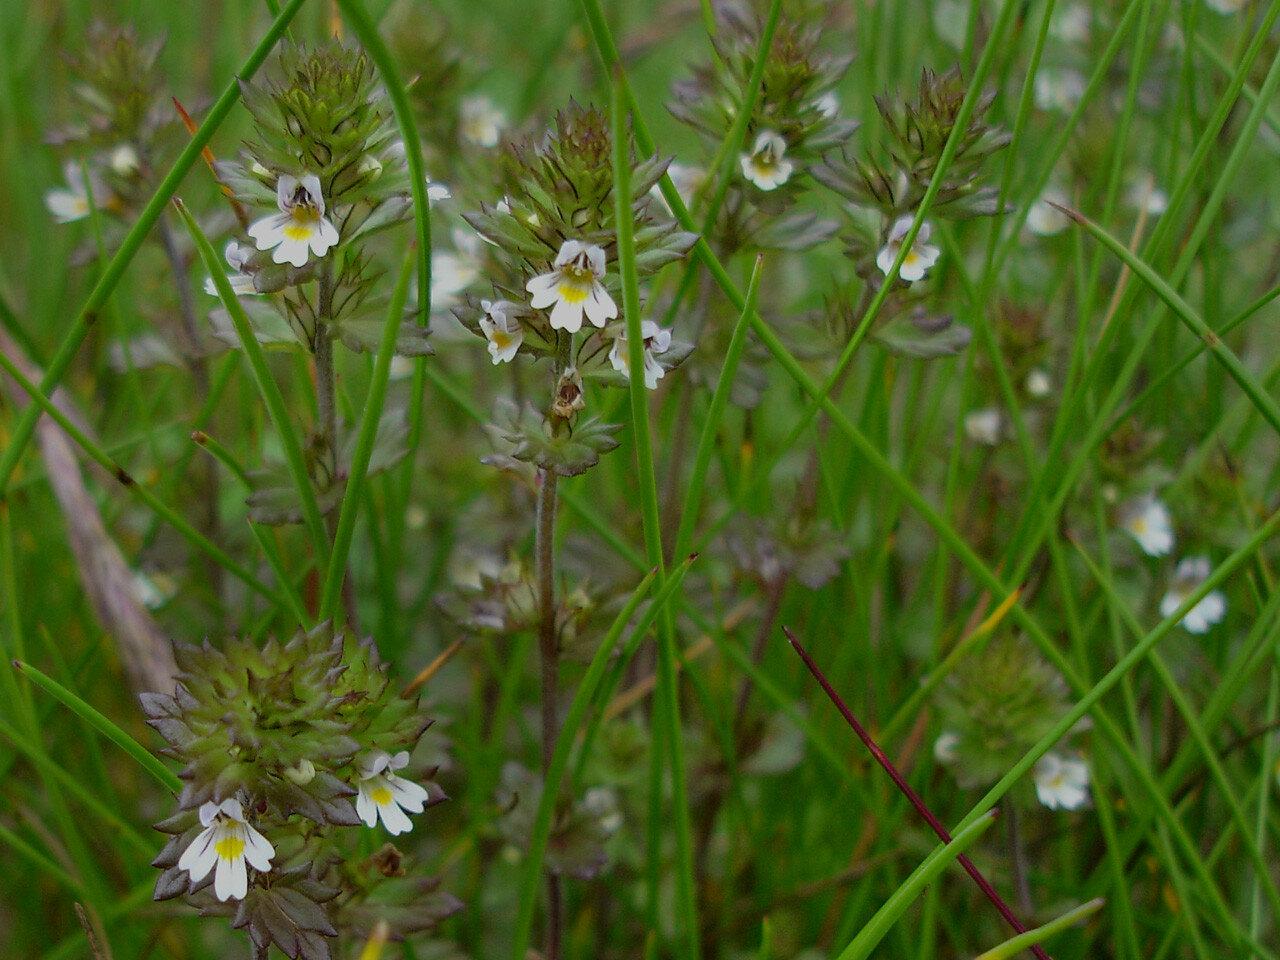 Очанка лекарственная (Euphrasia officinalis). Автор фото: Юрий Семенов